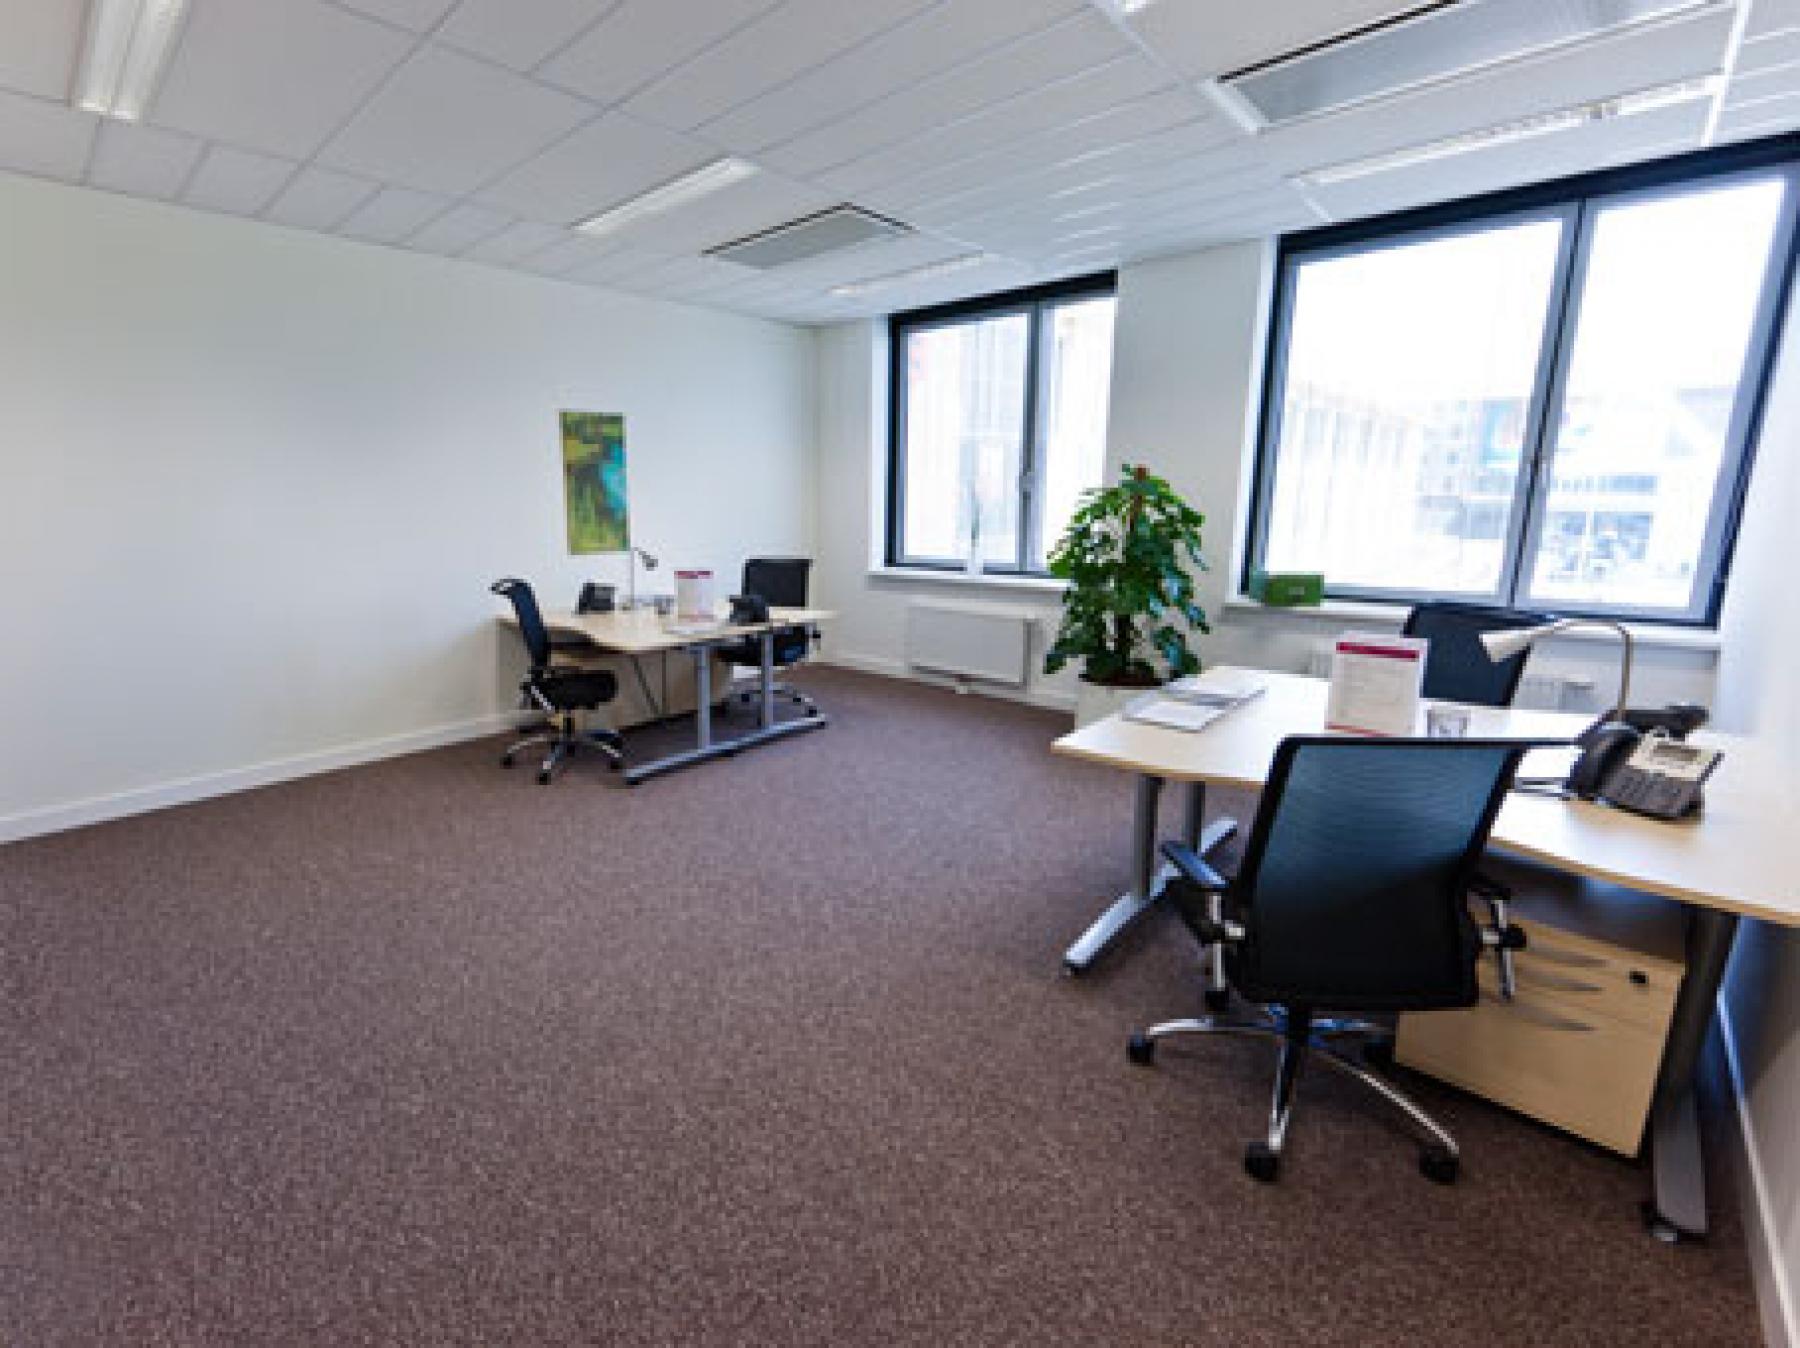 Großes Büro mieten in der Immobilie am Europaplatz in Wien 1150